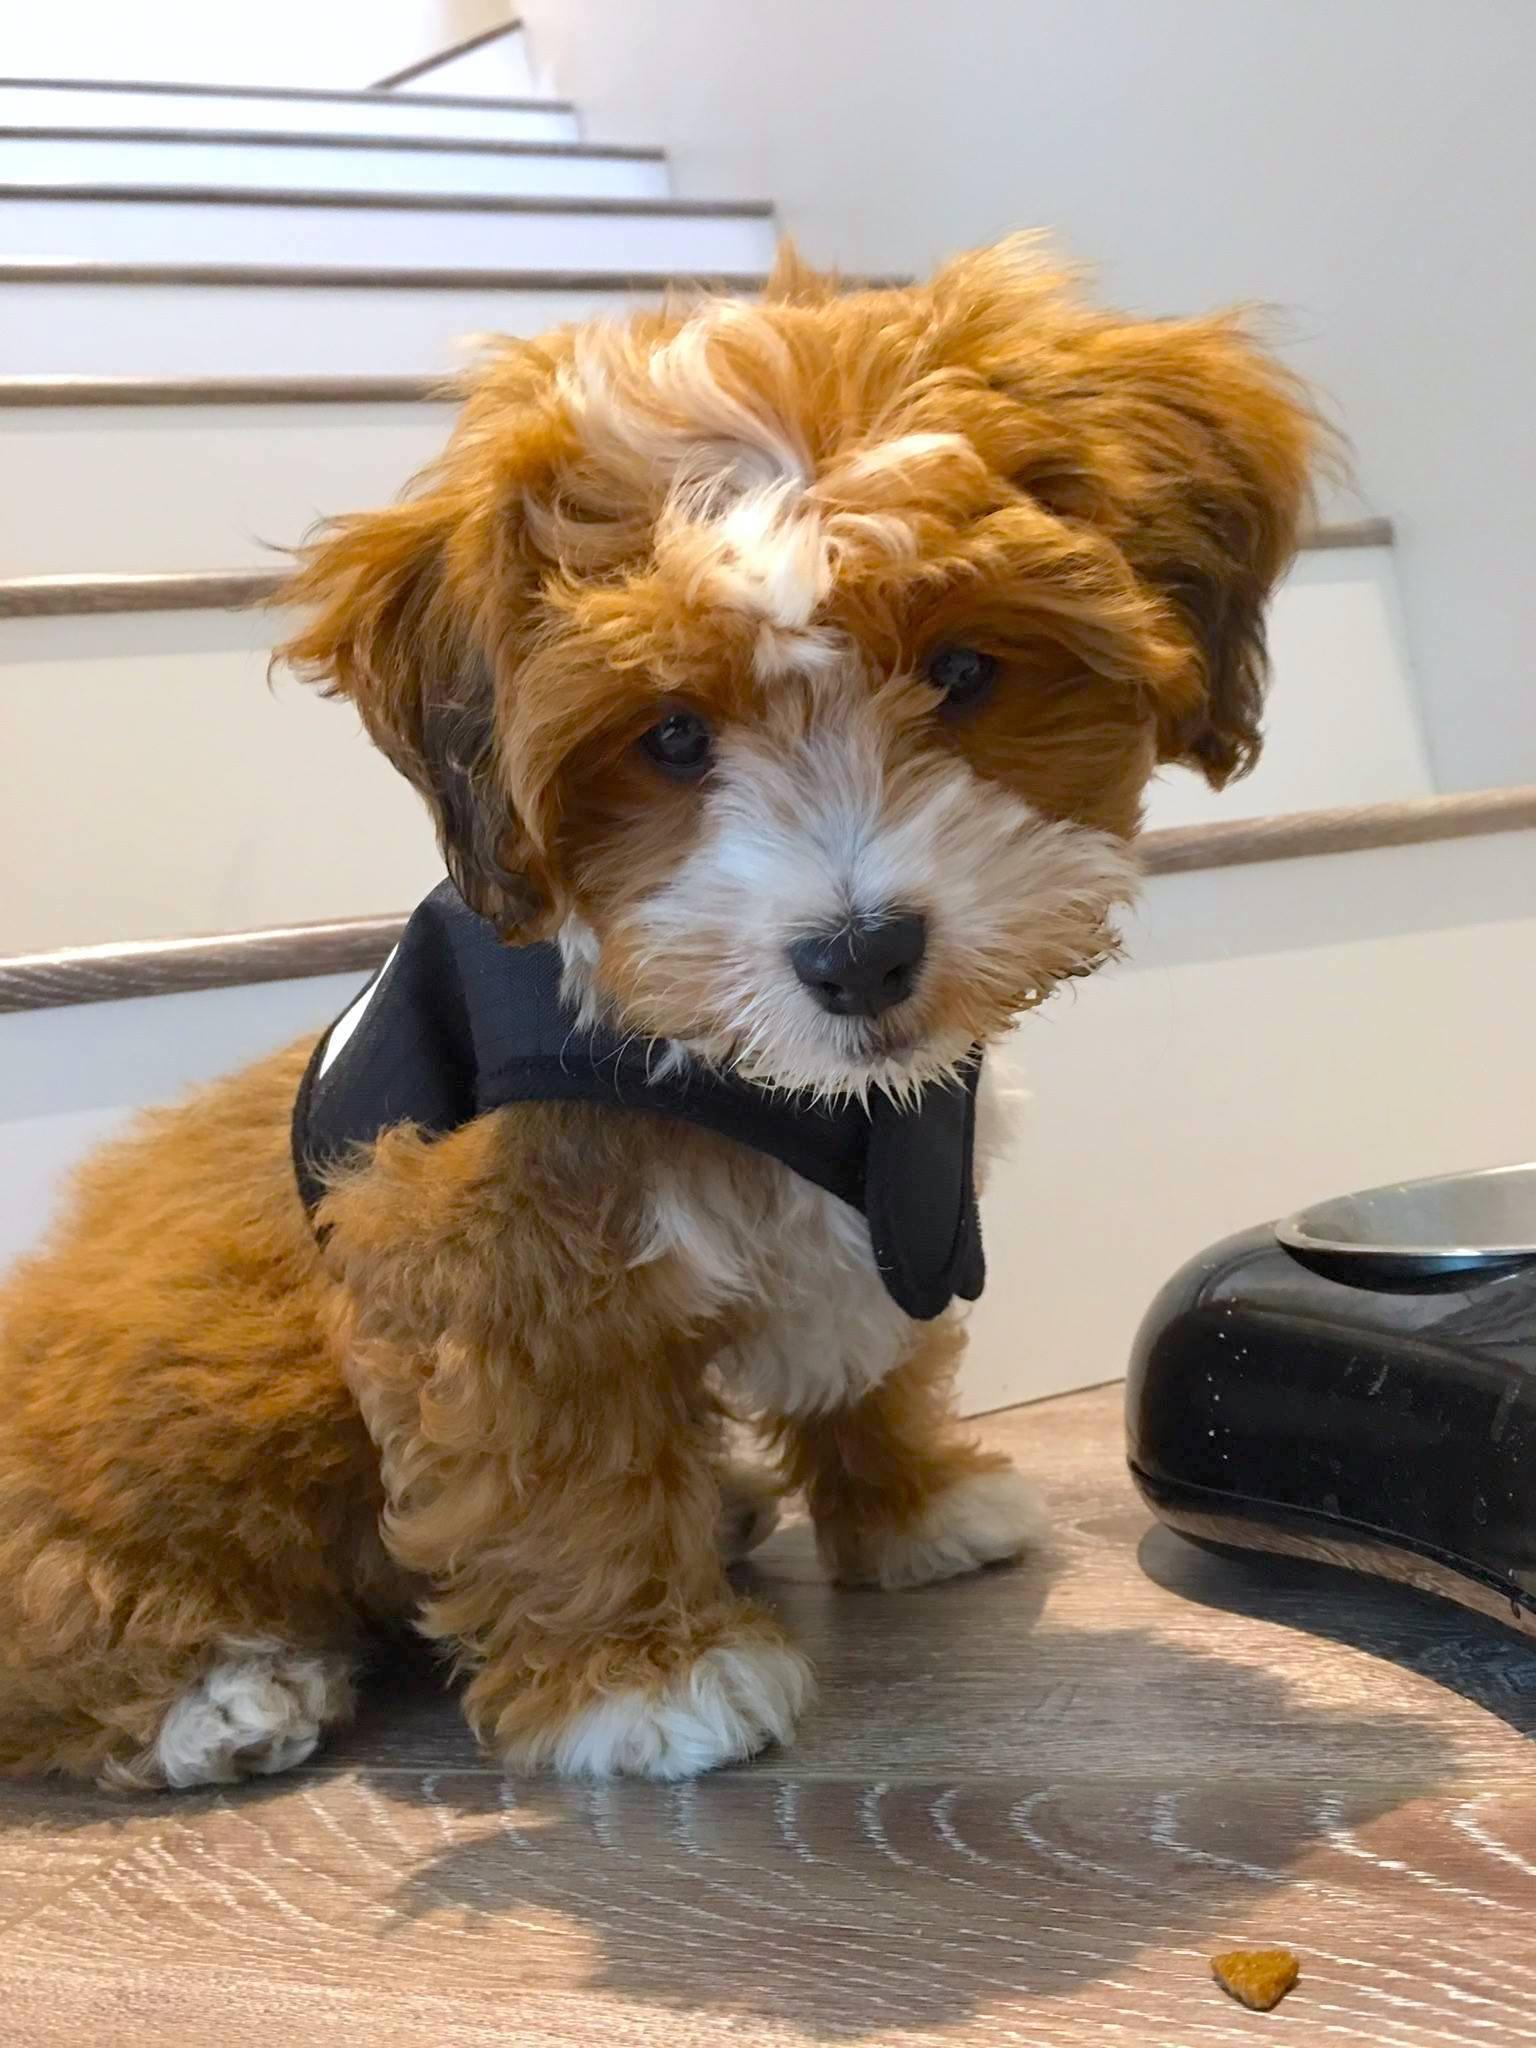 Cinnamon dog photo